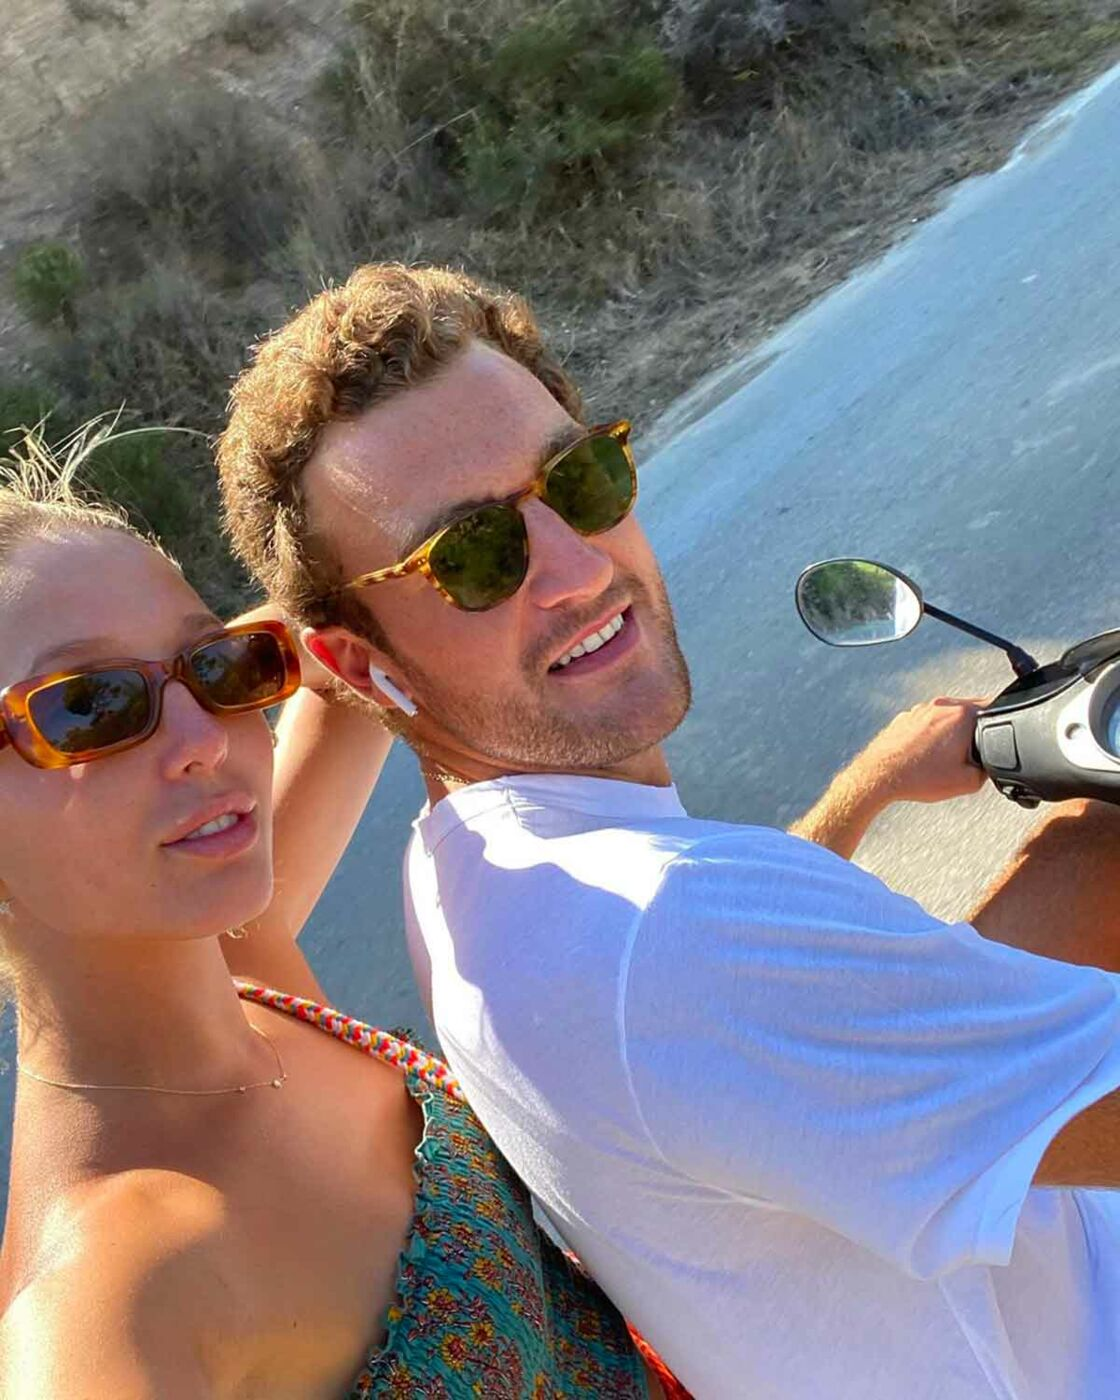 Maria Olympia de Grèce et son petit ami, Peregrine Pearson, lors d'une visite familiale à l'été 2020, sur l'île de Spetses